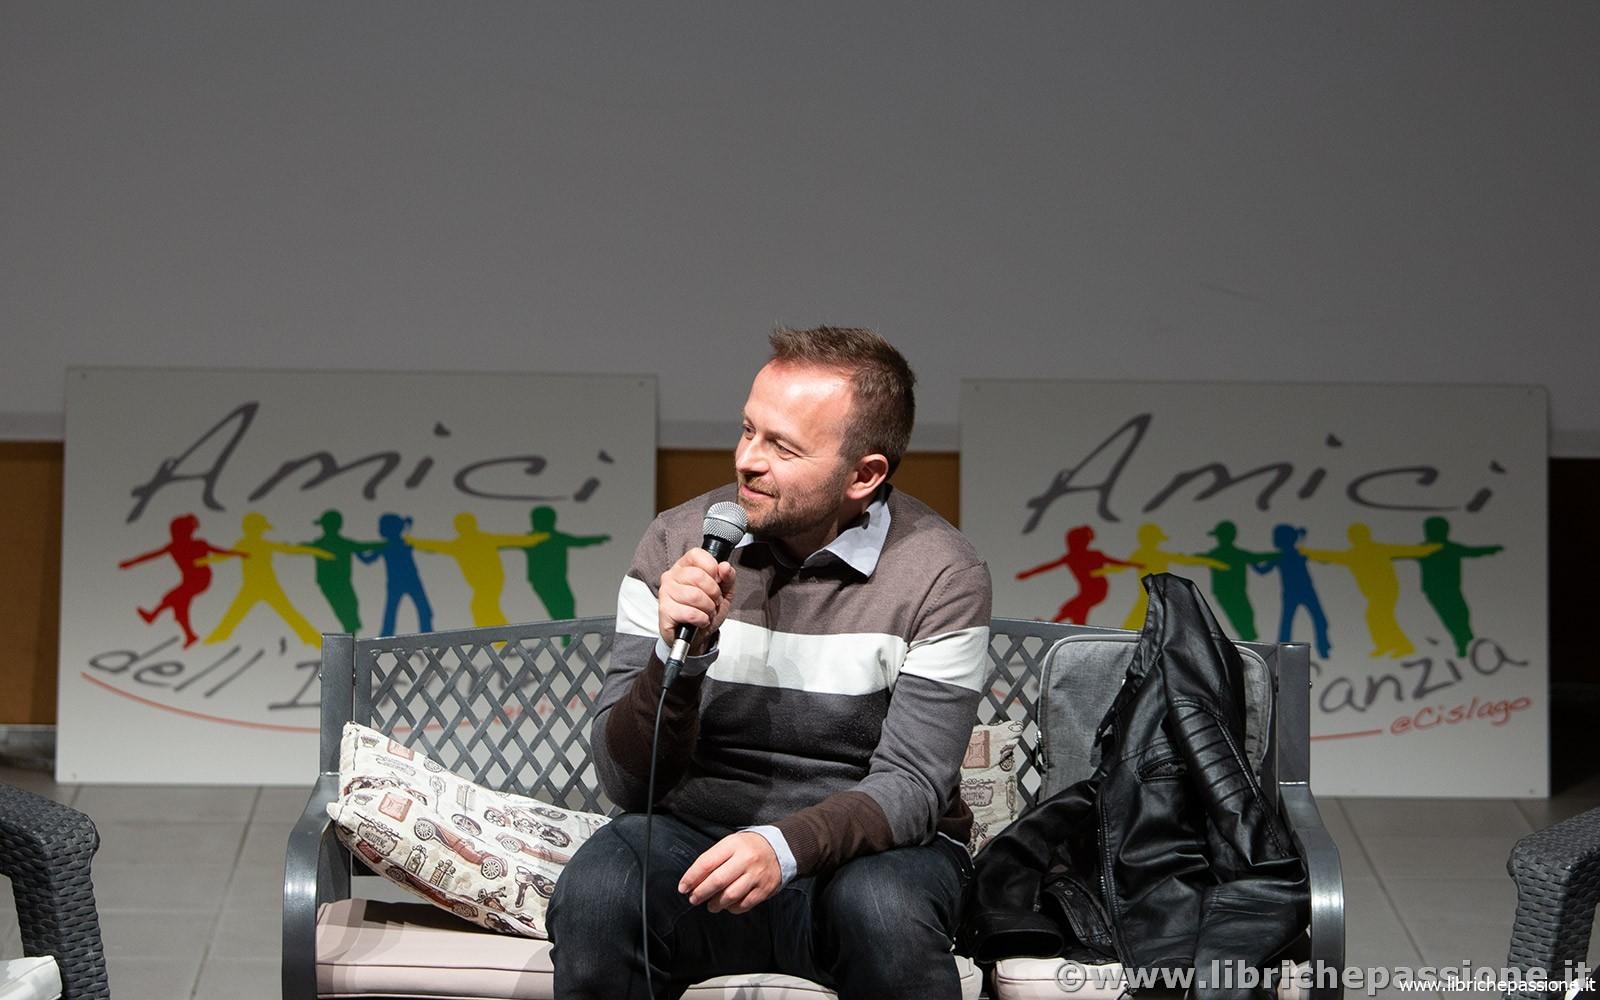 Incontro con lo scrittore Enrico Galiano presso l'Auditorium di Cislago (Varese) – 29 Marzo 2019